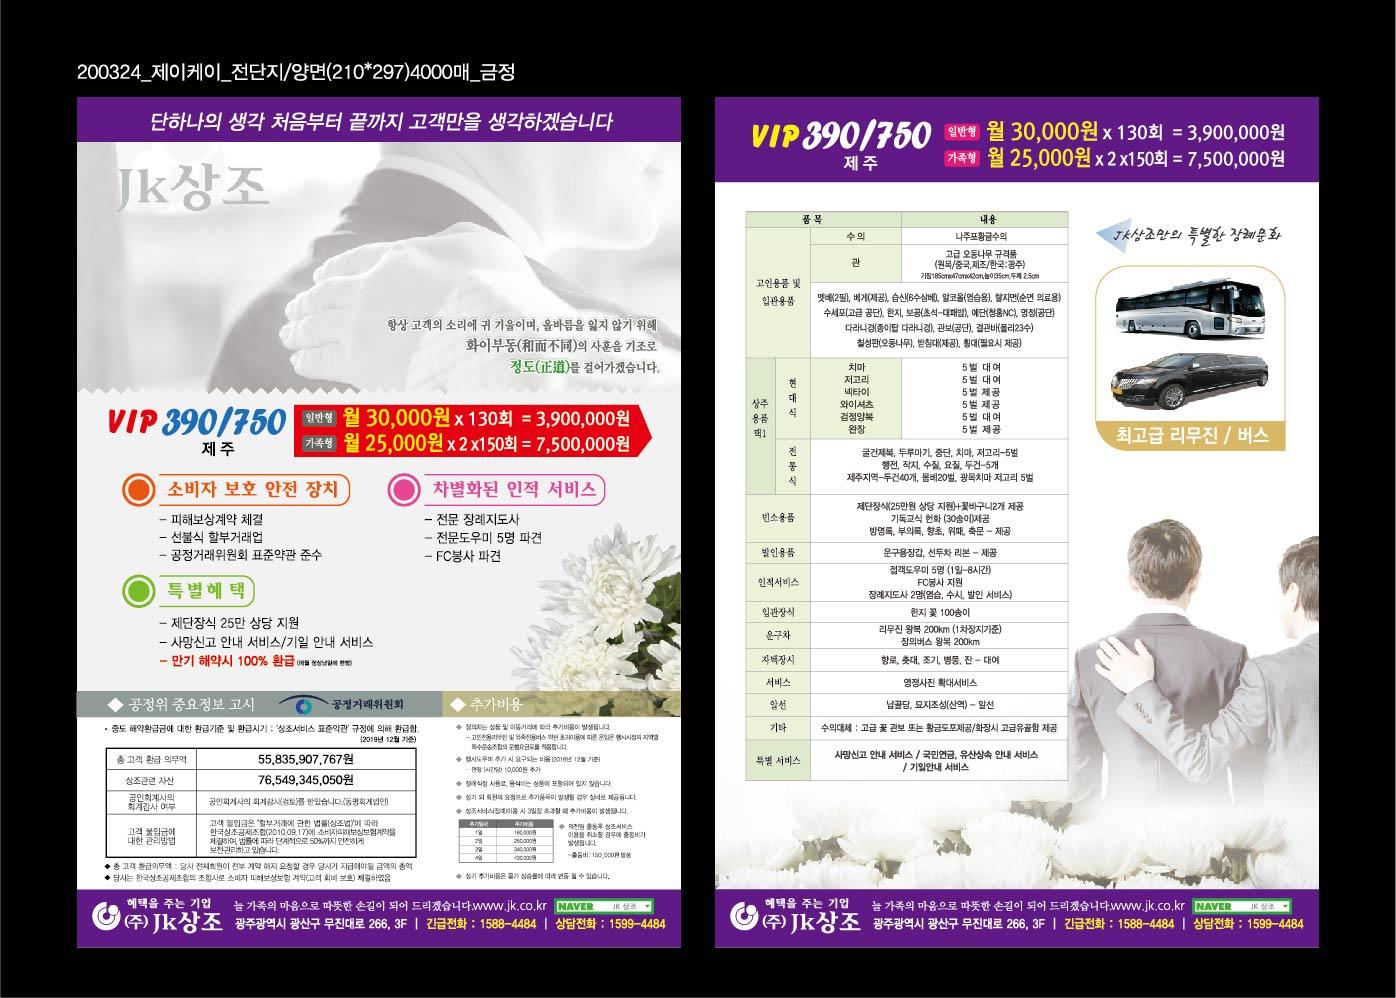 200324_제이케이_전단지(390/750)+제주